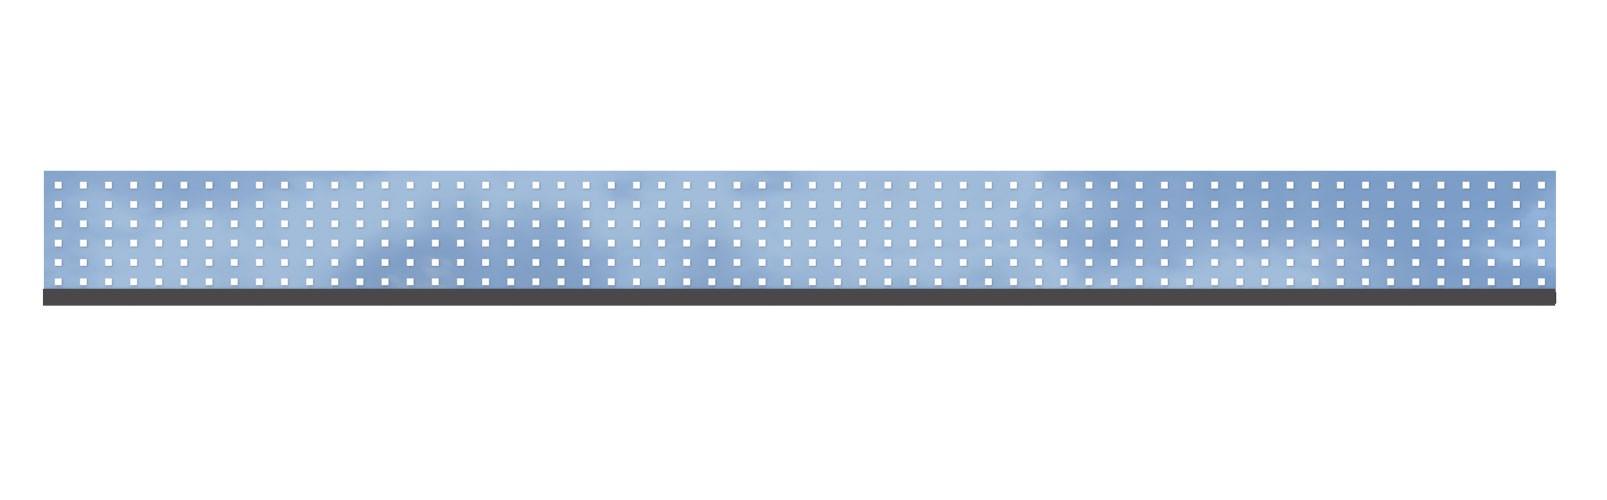 Sichtschutzzaun TraumGarten System Dekorprofil Glas Theta 178x15cm Bild 1